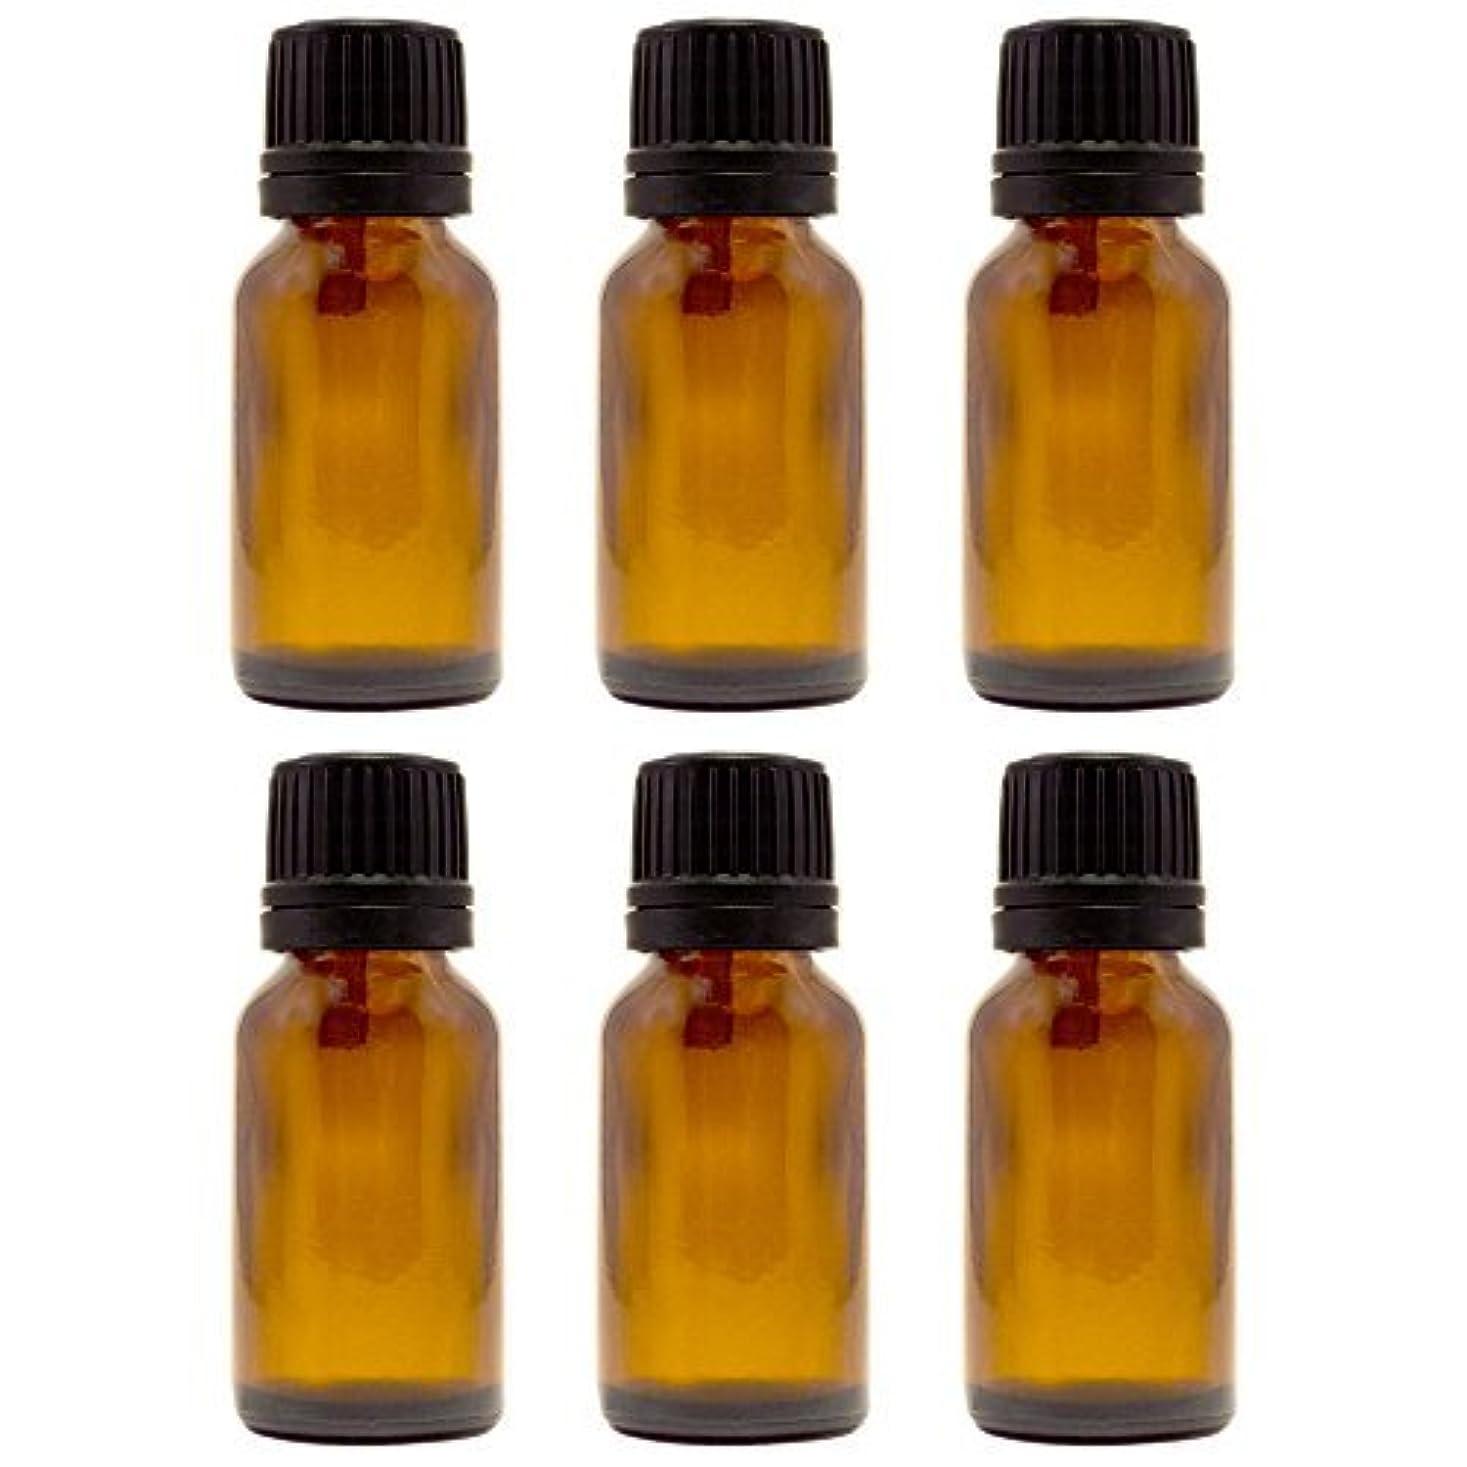 プロットコンピューター嫉妬15 ml (1/2 fl oz) Amber Glass Bottle with Euro Dropper (6 Pack) [並行輸入品]